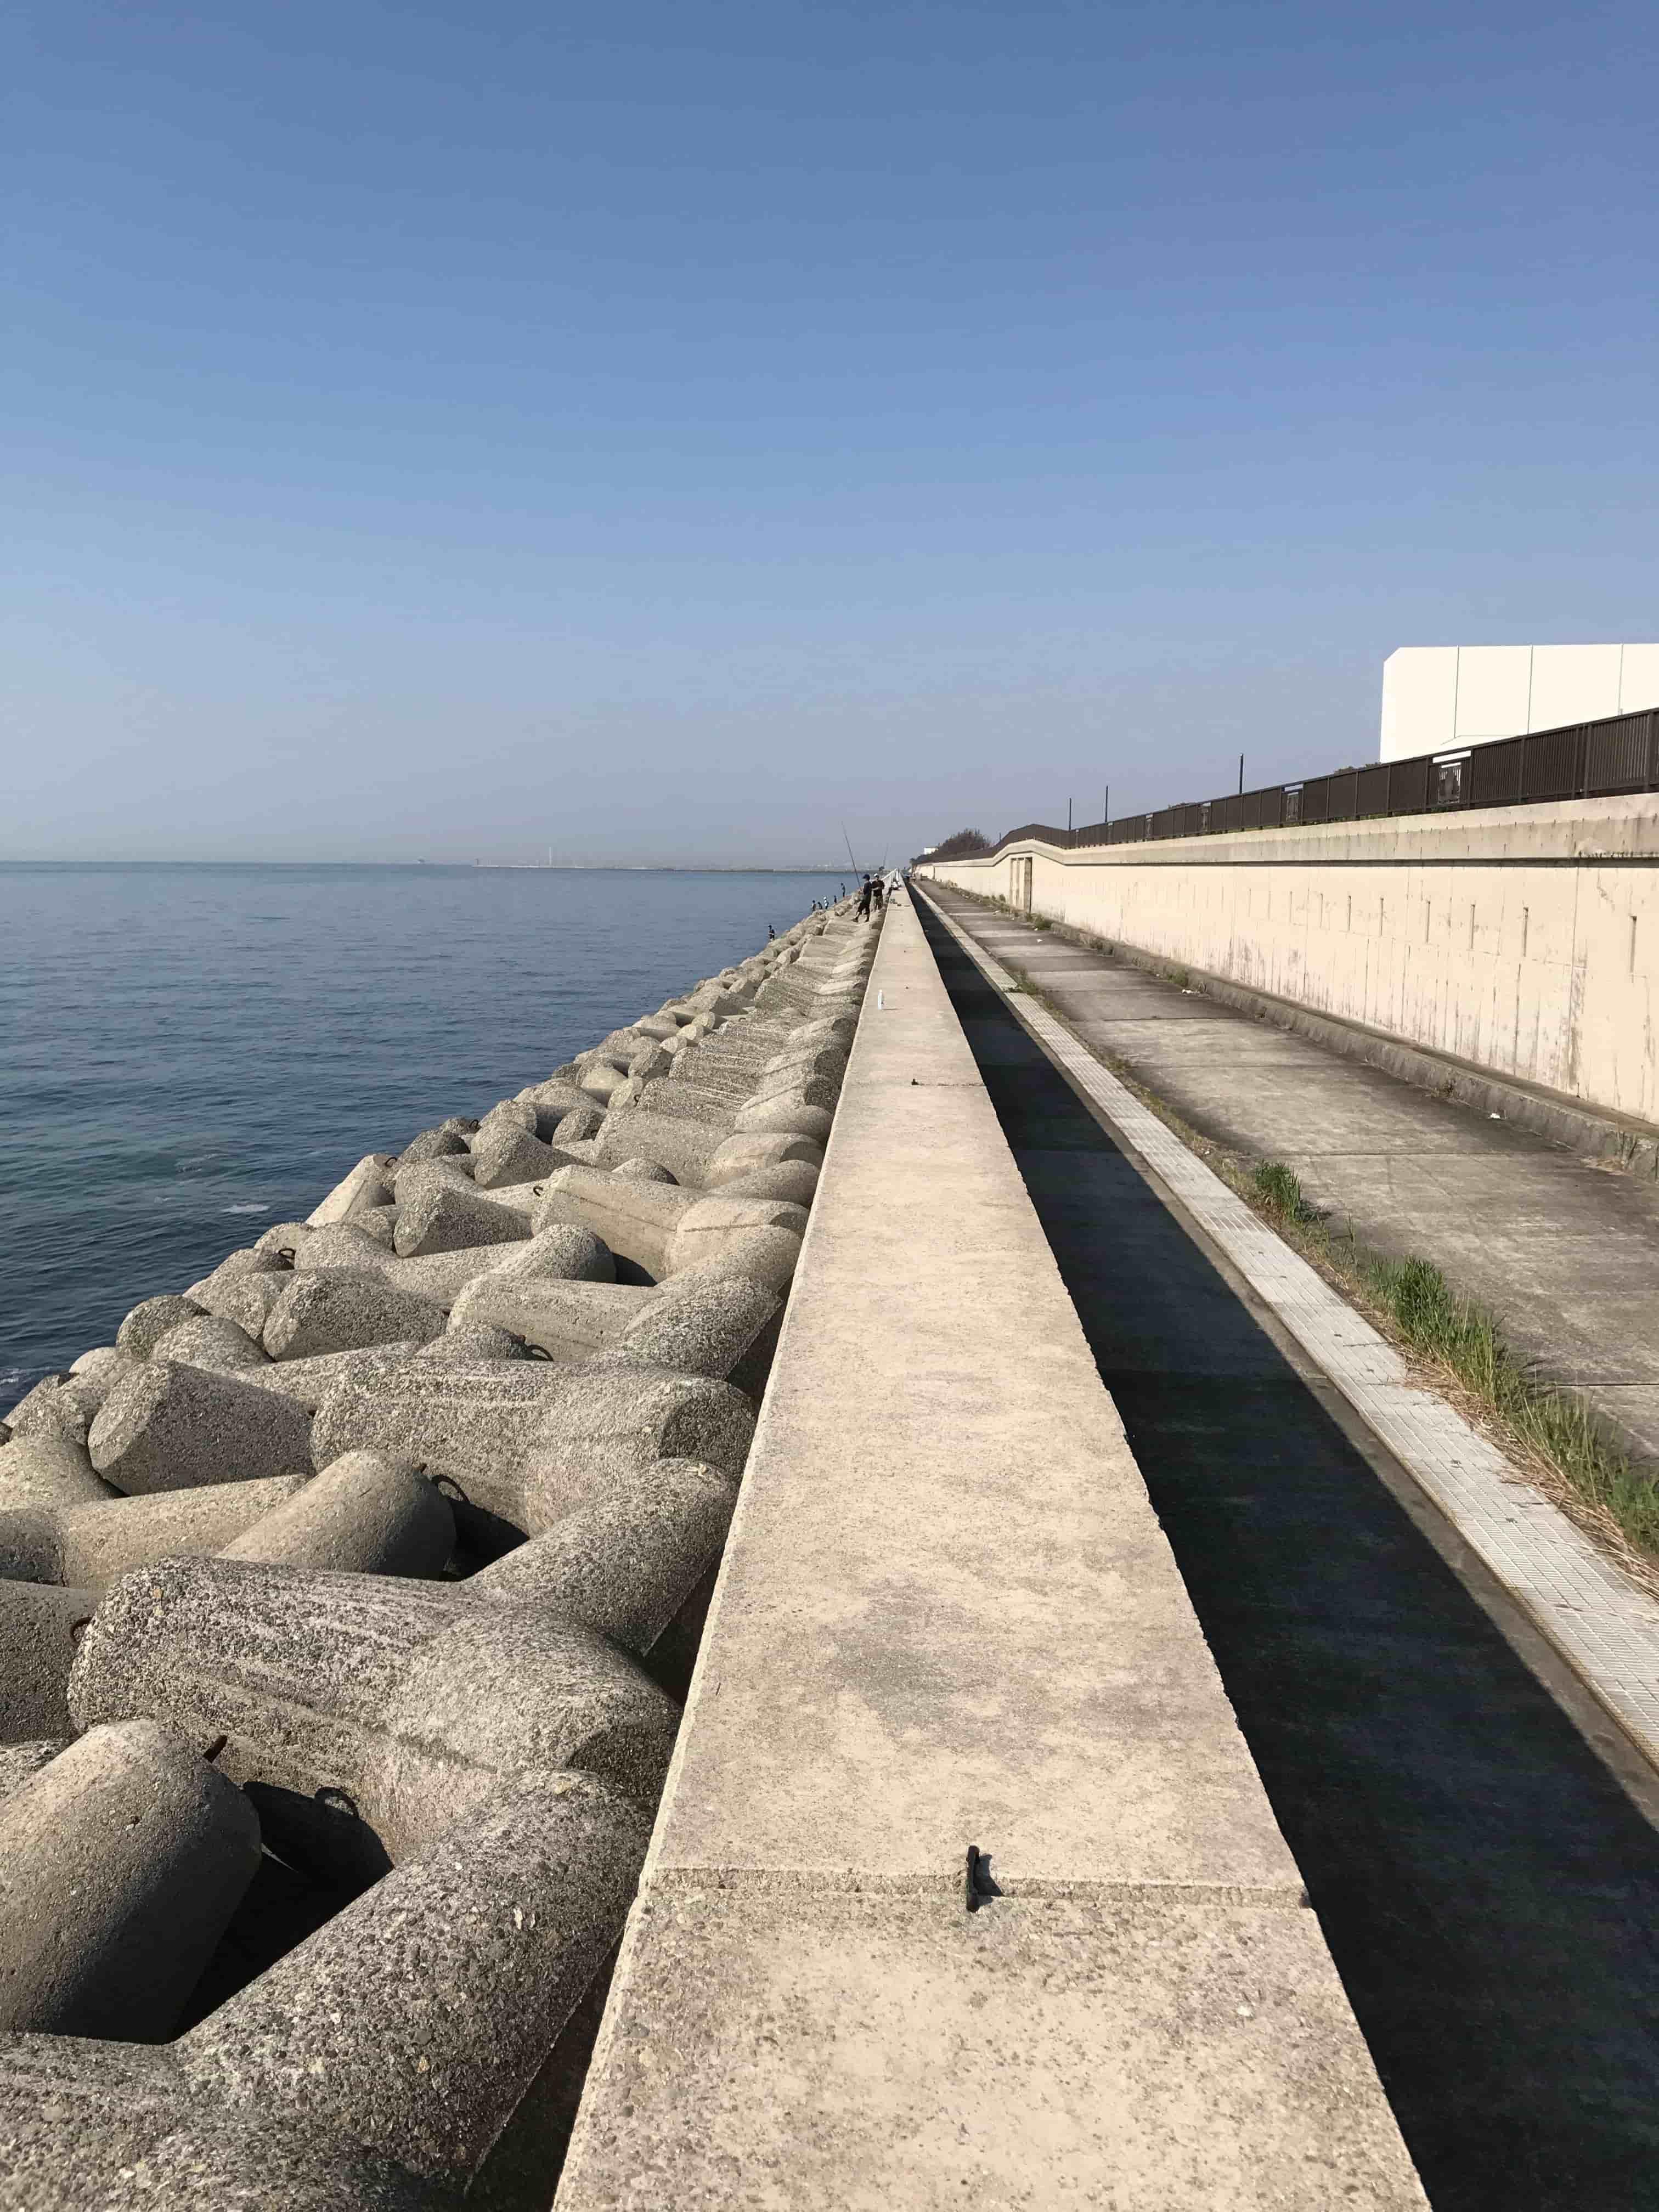 大阪湾ブリ釣果情報につられて貝塚人工島ショアジギング釣行釣果報告(5月)